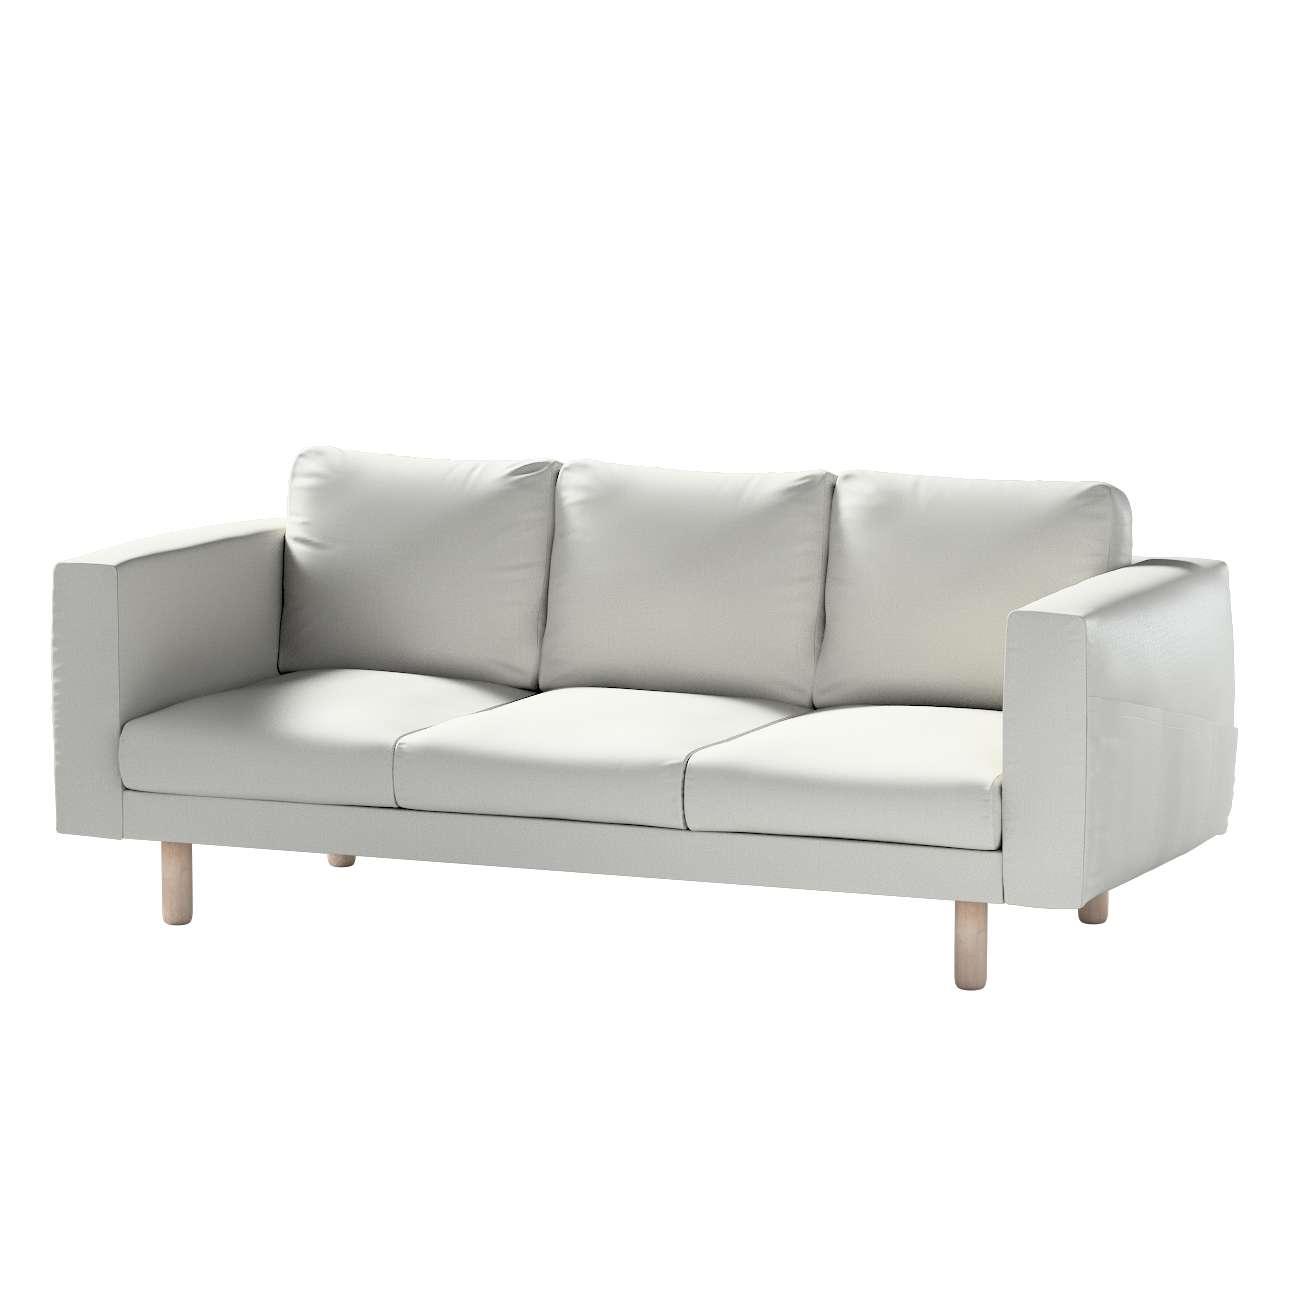 Pokrowiec na sofę Norsborg 3-osobową w kolekcji Bergen, tkanina: 161-84